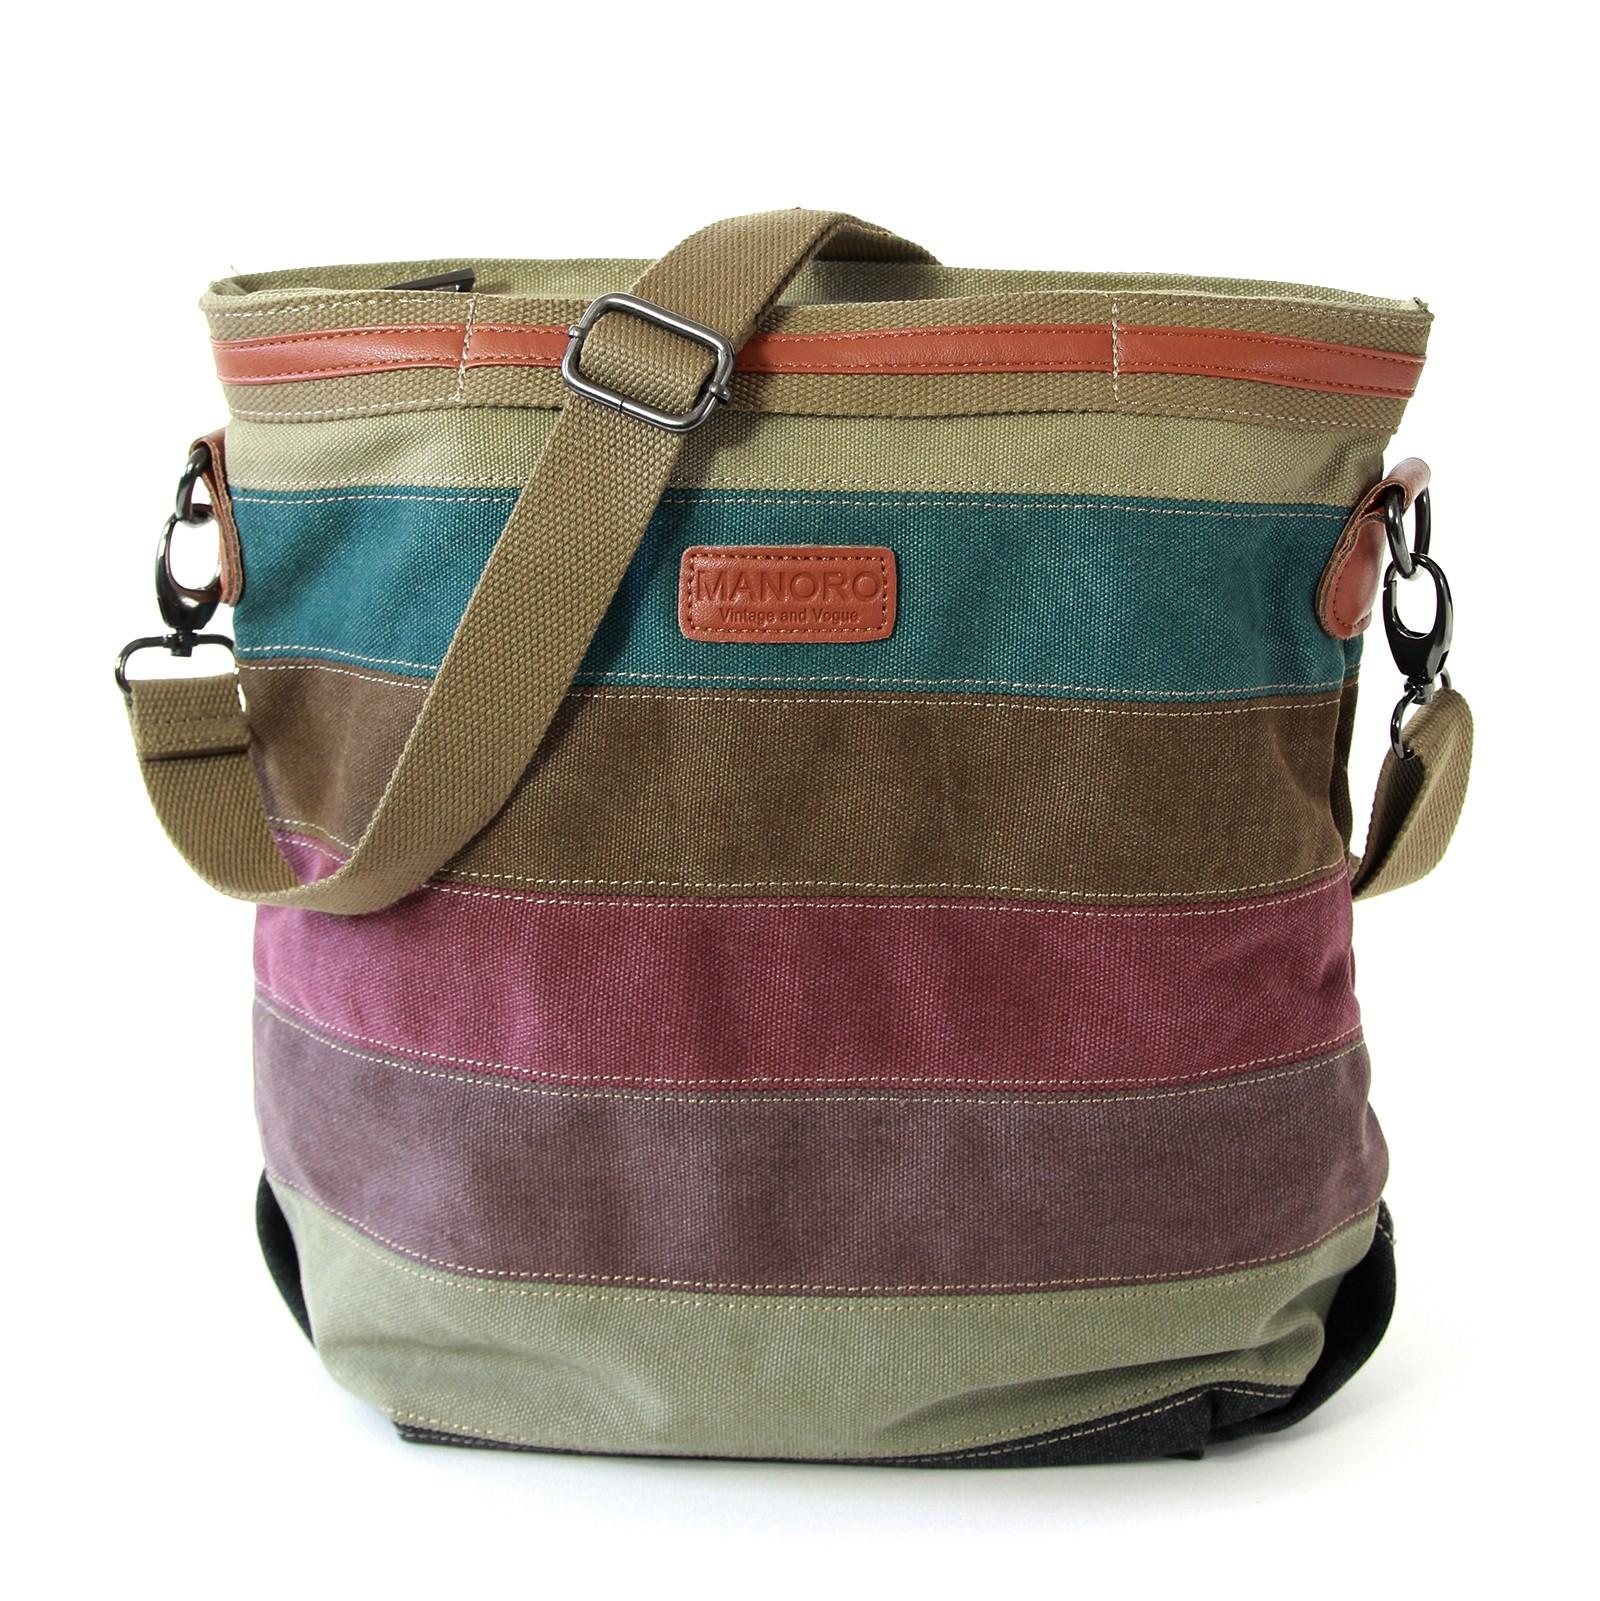 Schultertasche, Handtasche Canvas mehrfarbig, braun Shopper Manoro OTK219F